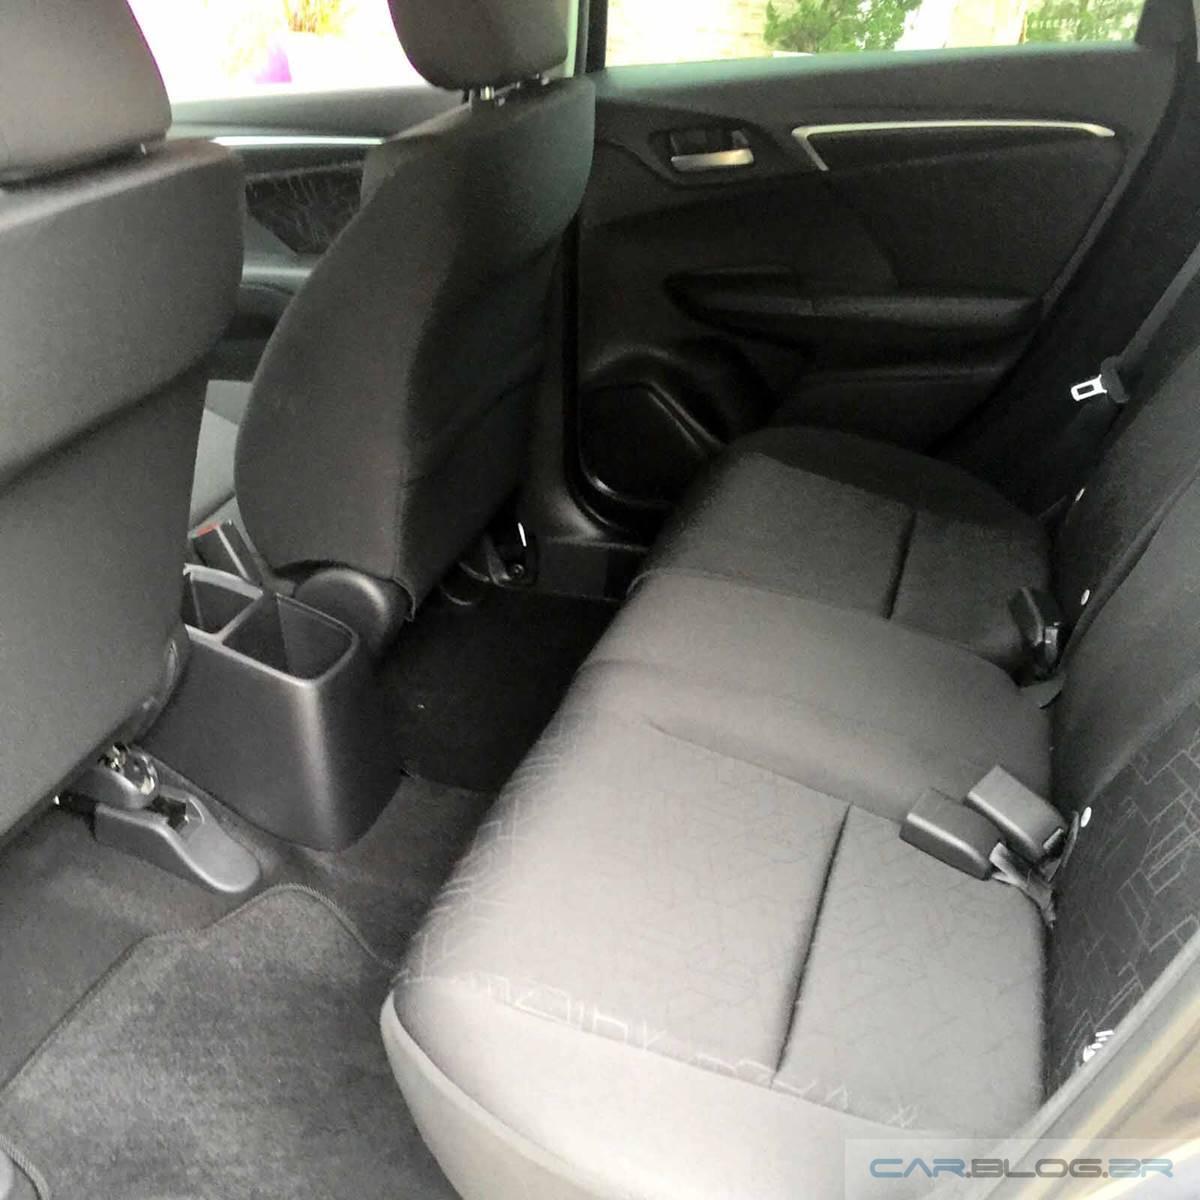 Honda FIT EX 2016 - teste de longa duração - espaço traseiro